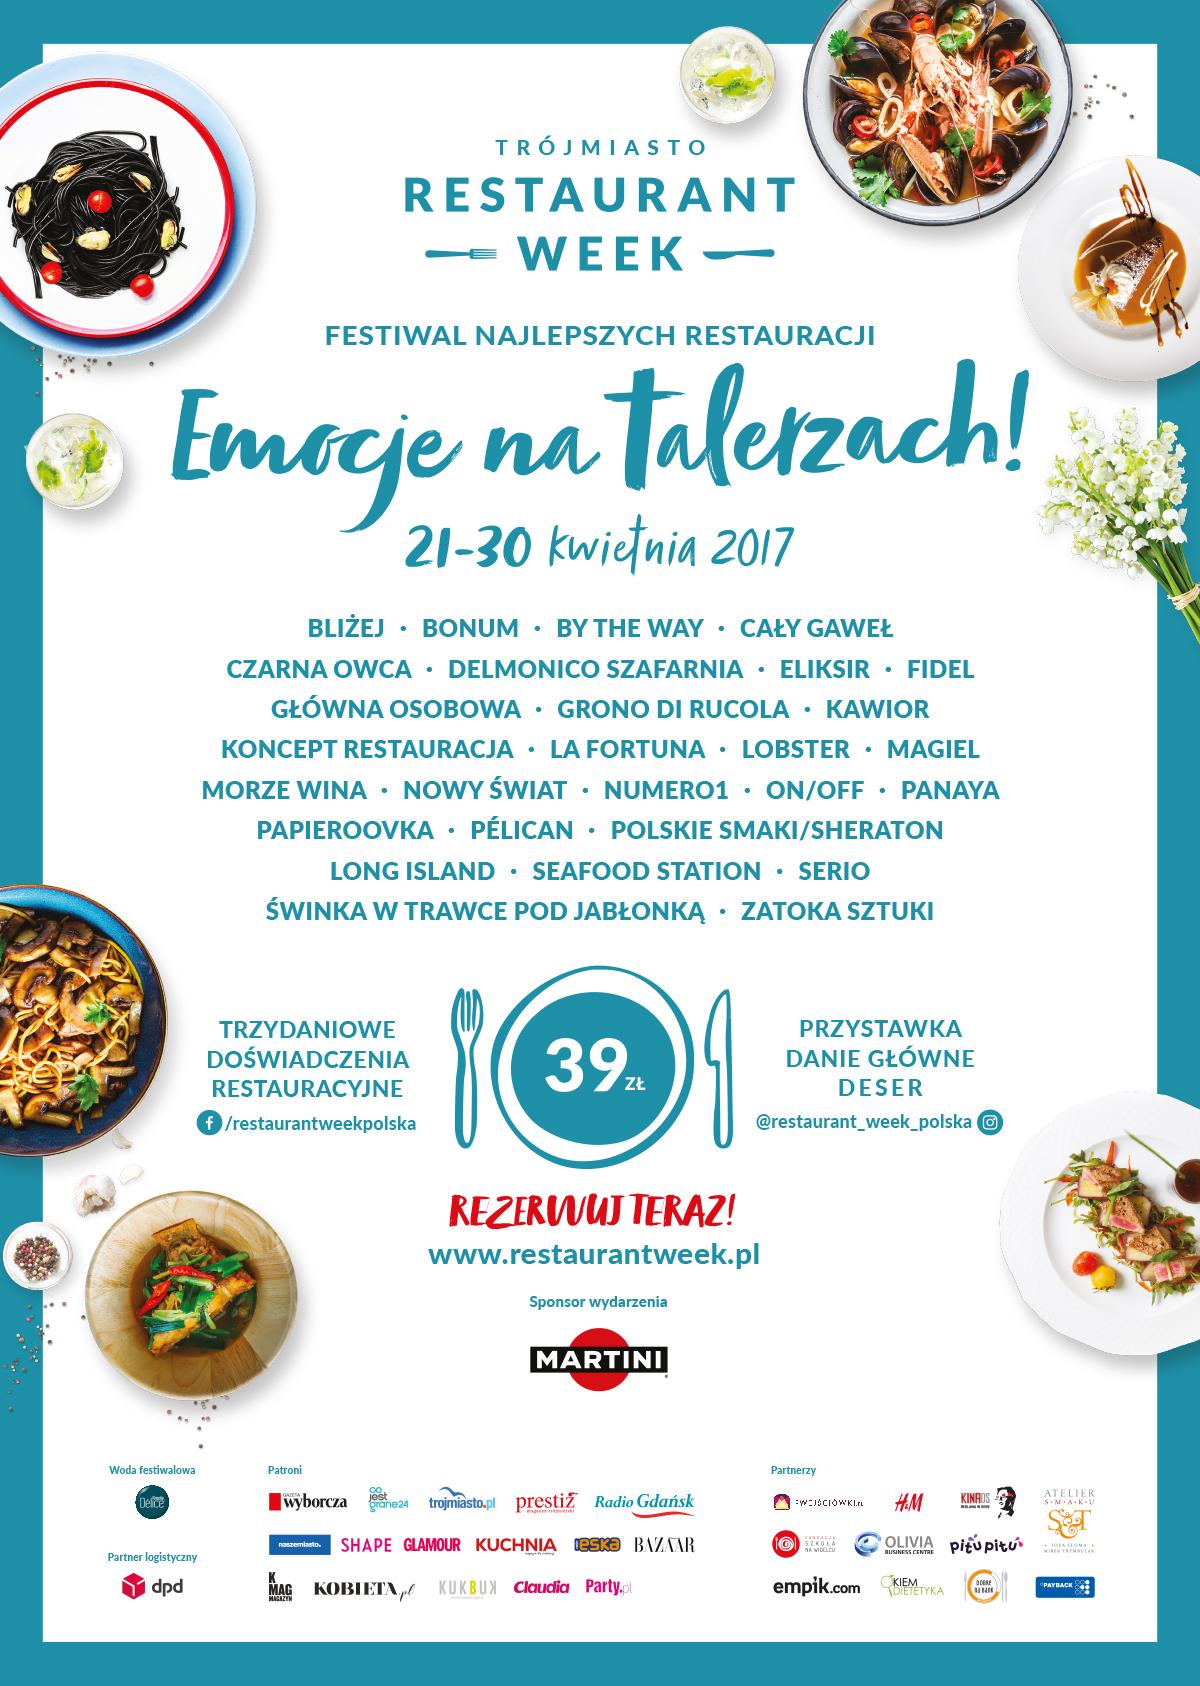 magazynkobiet.pl - trojmiasto restaurant week plakat a2 MASTER CS6 - EMOCJE NA TALERZACH! WIOSENNY FESTIWAL NAJLEPSZYCH RESTAURACJI TRÓJMIASTO RESTAURANT WEEK już od 21 do 30 kwietnia!